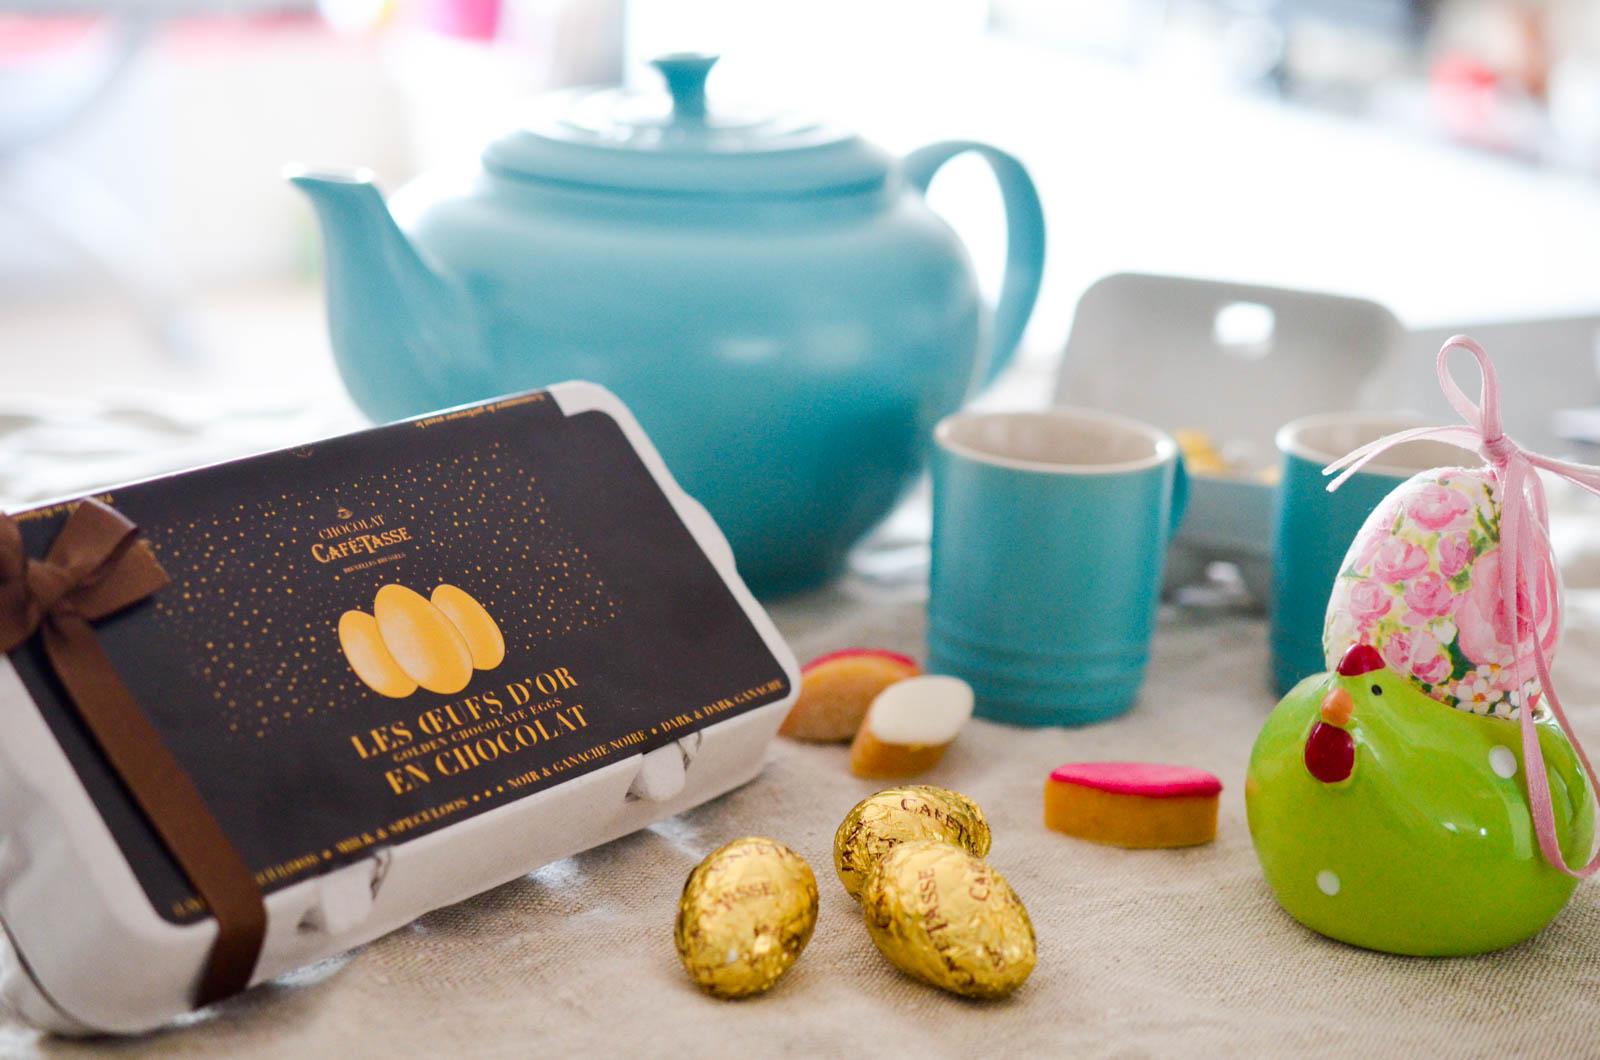 Paques Creuset Café Tasse Soeurs (1 Sur 1)